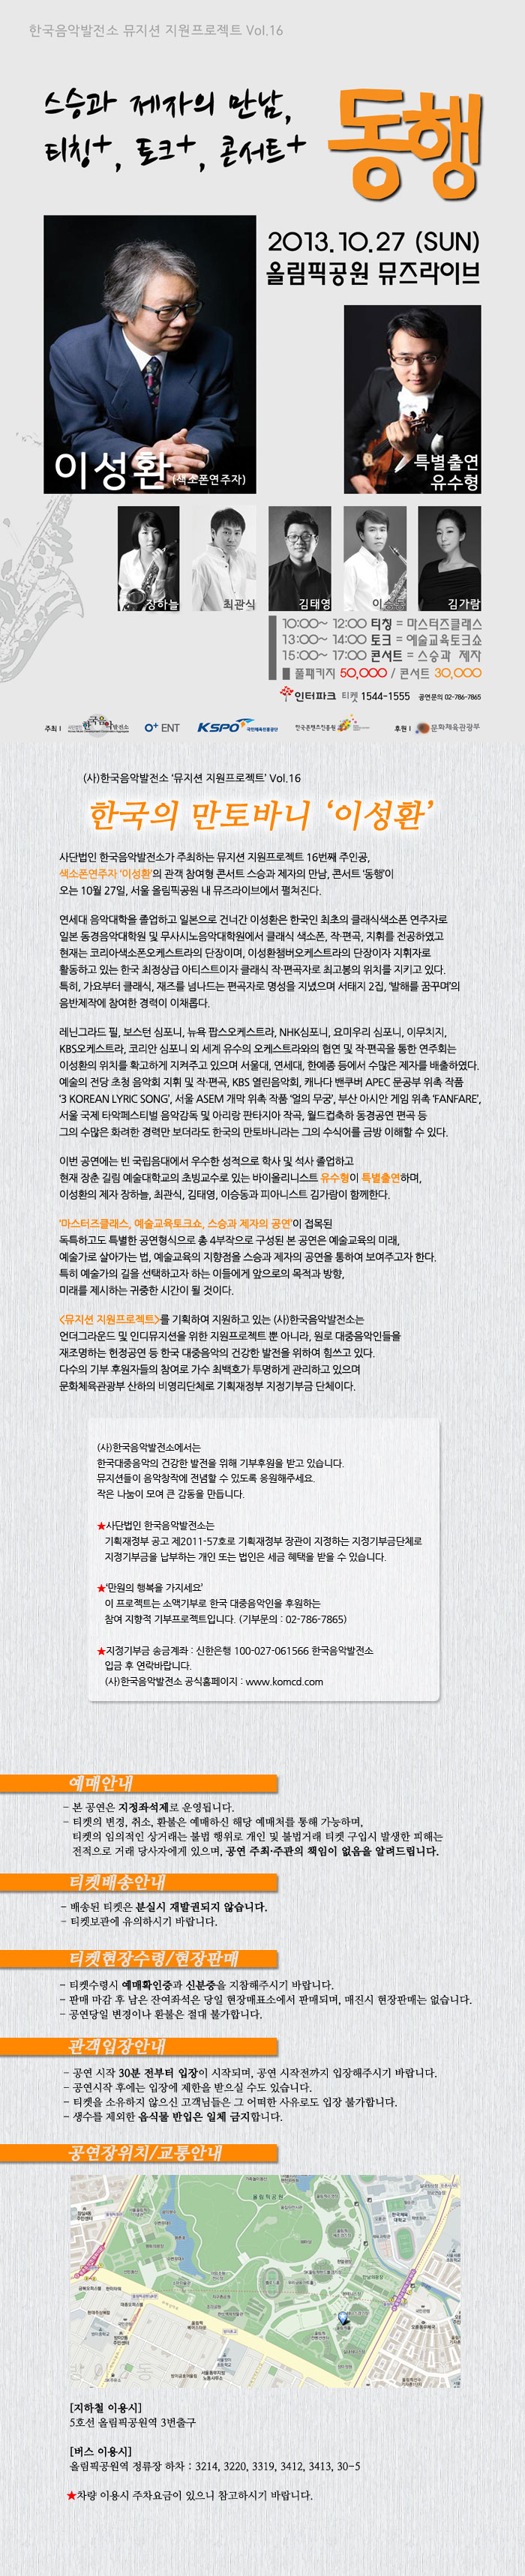 131027-이성환-공연정보.jpg